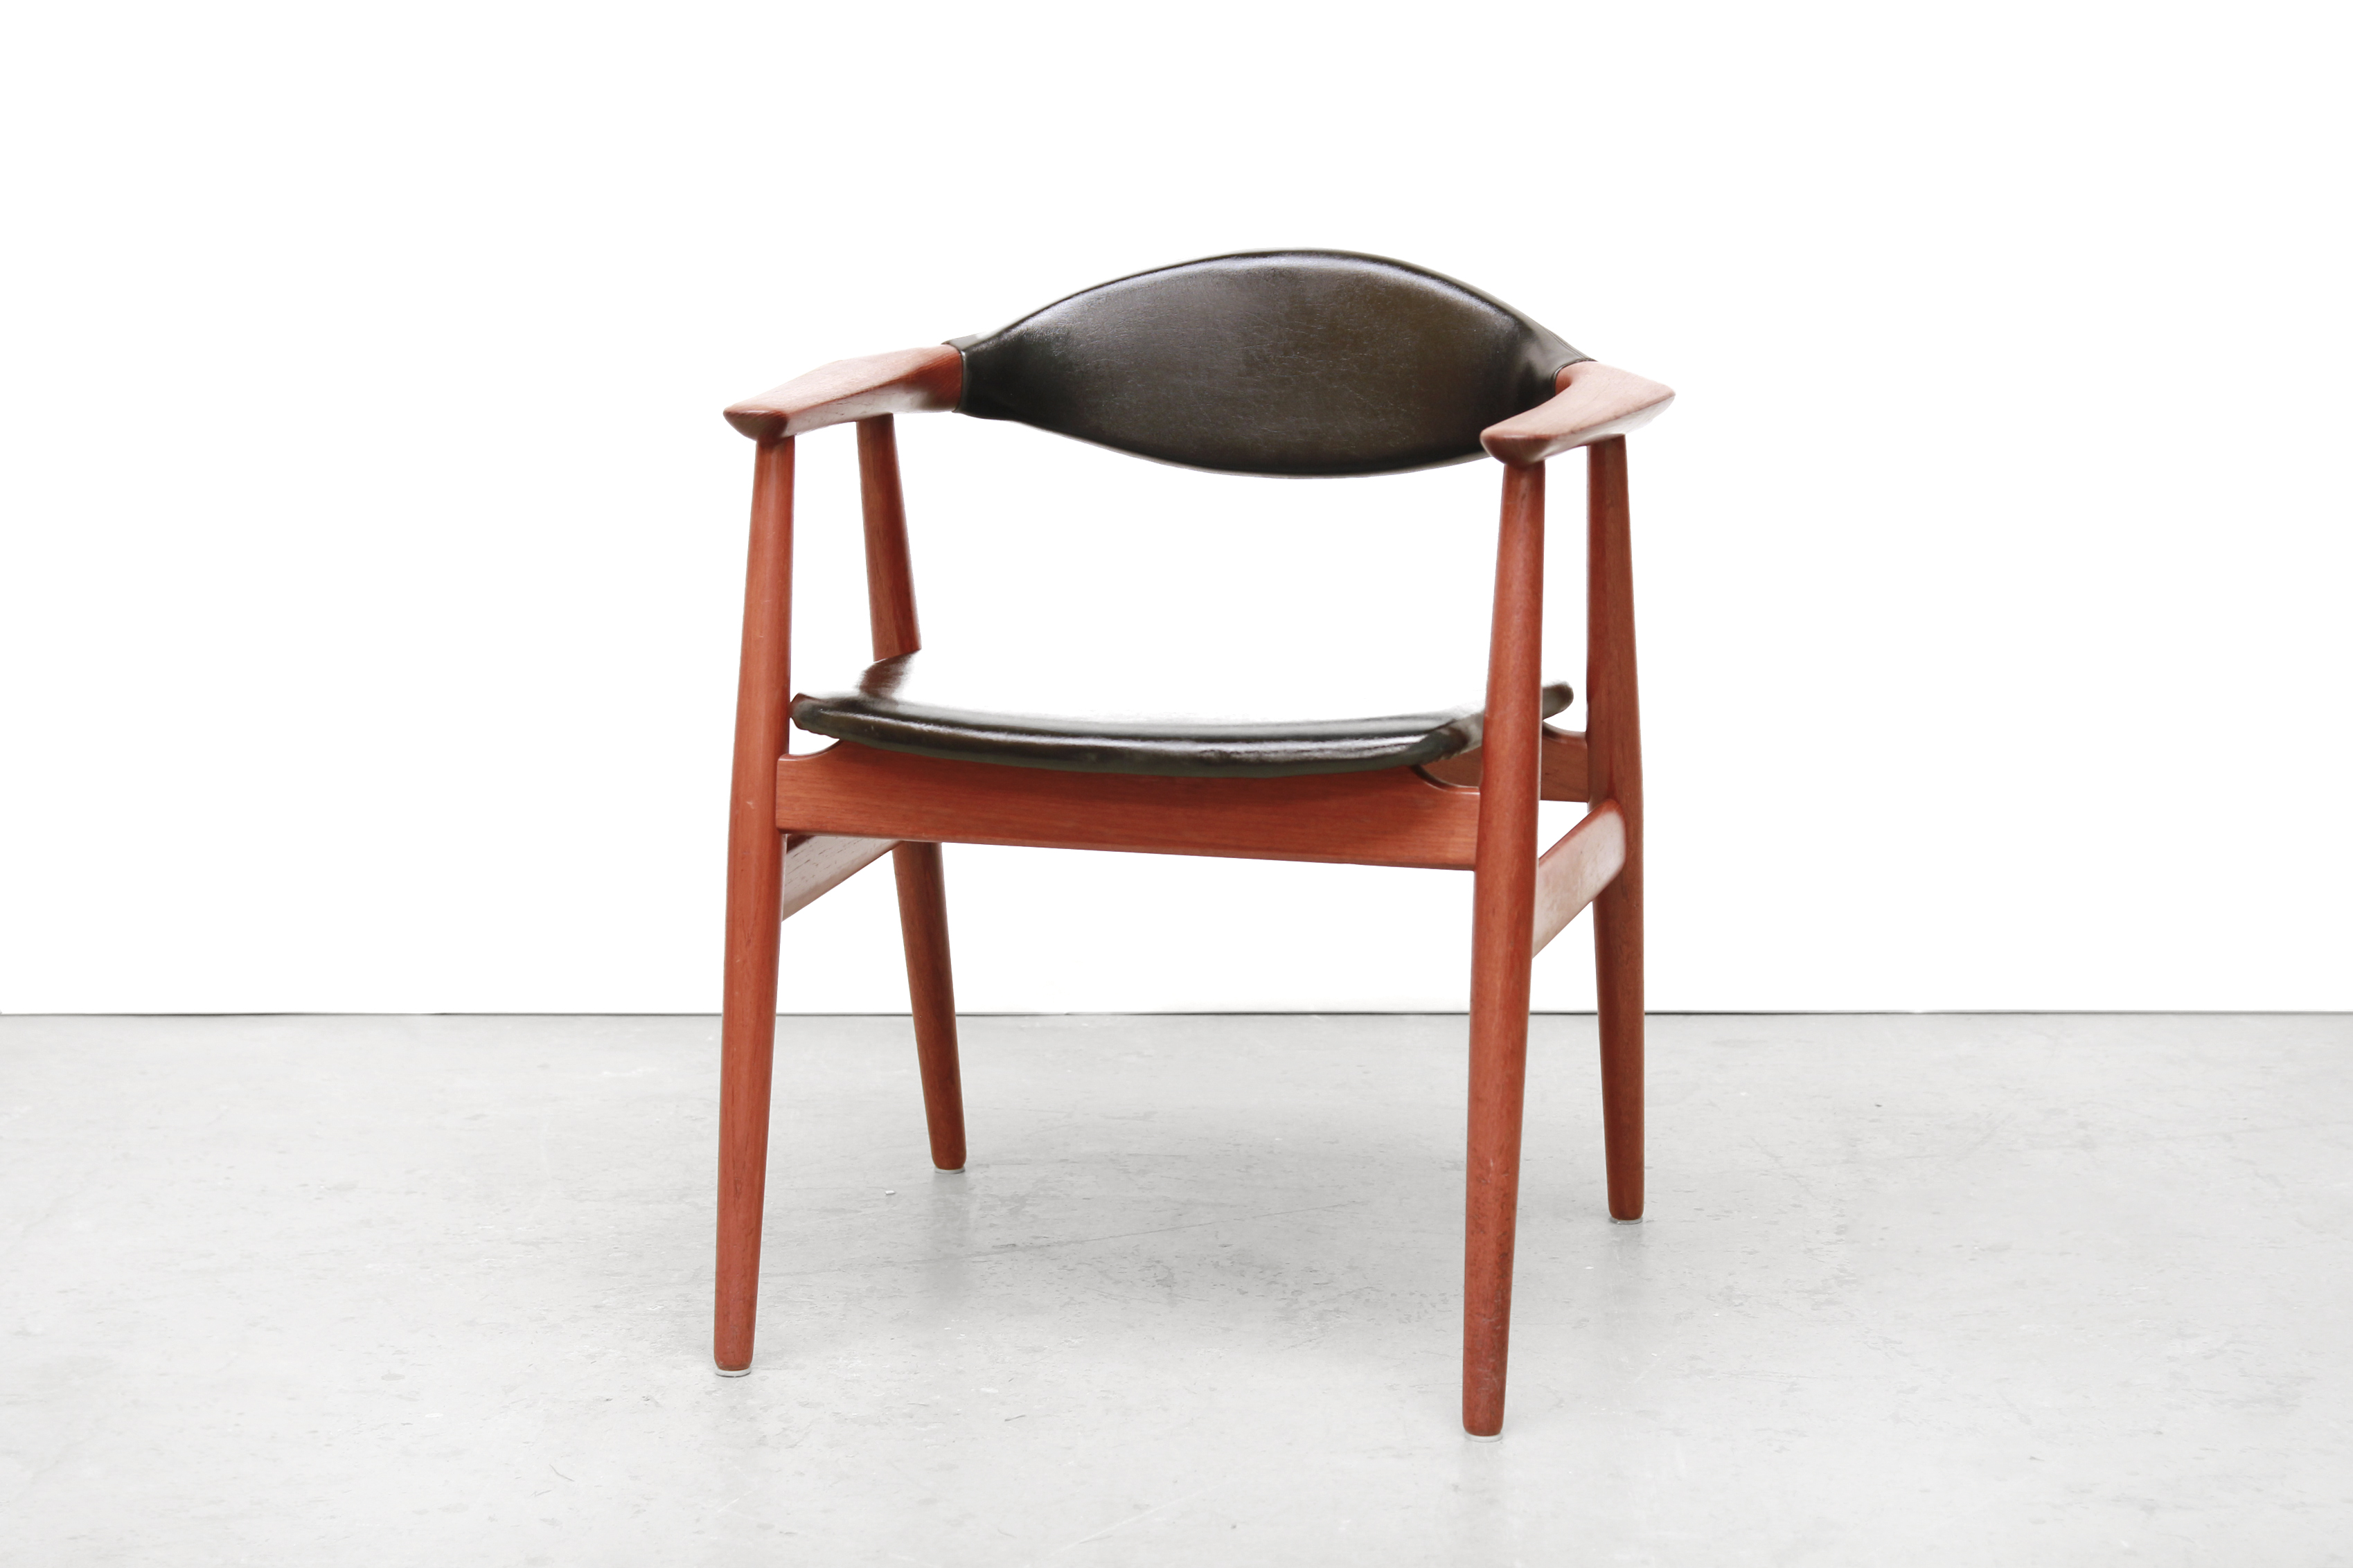 Teak bureau stoel van erik kirkegaard voor glostrup van ons